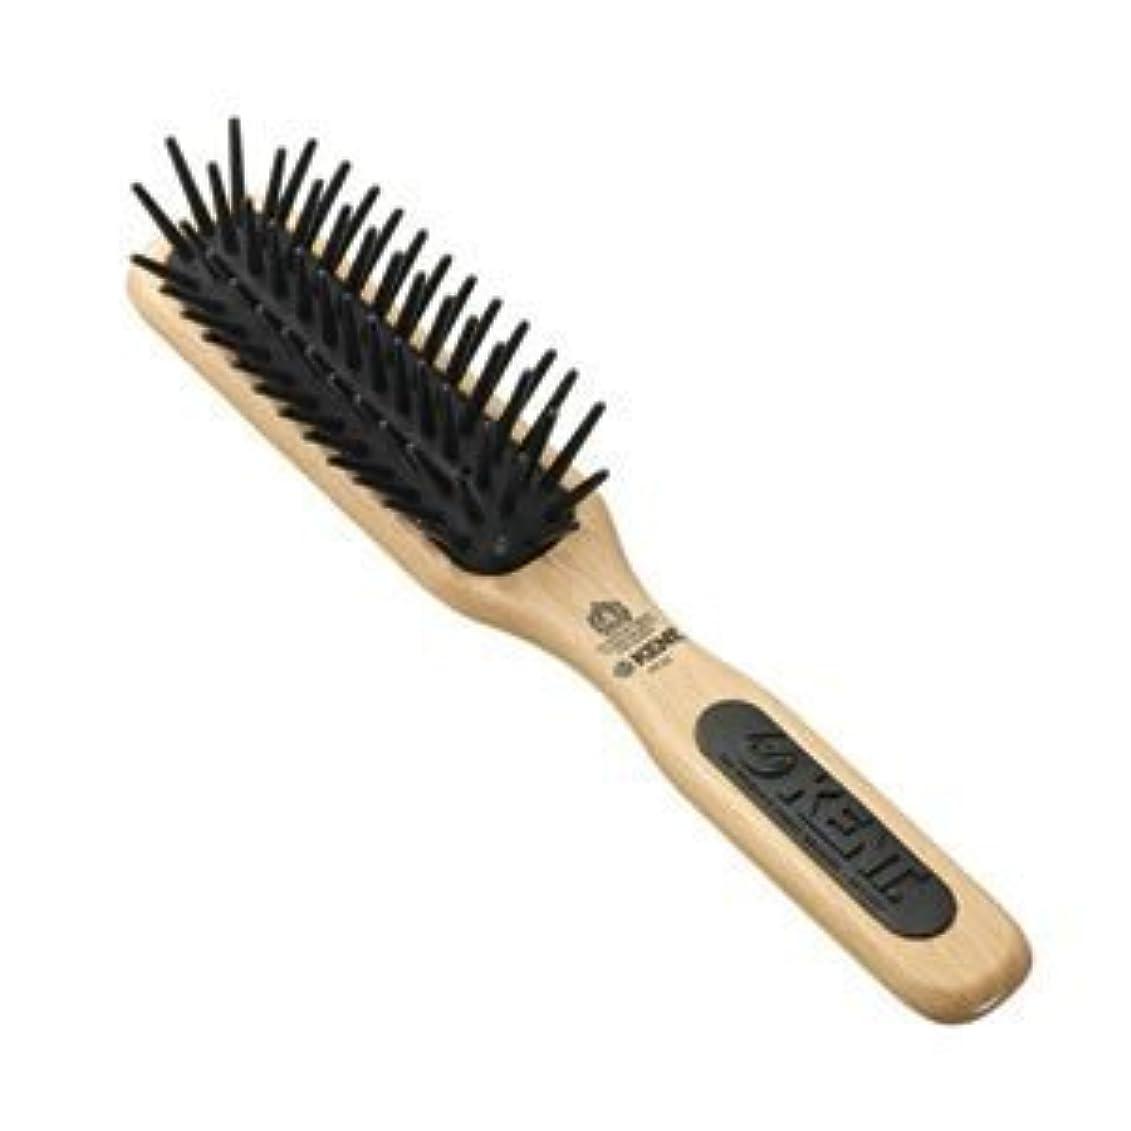 限り液化する王位Kent Brushes Pf20 Midi Detangling Fat Pin Narrow Brush [並行輸入品]